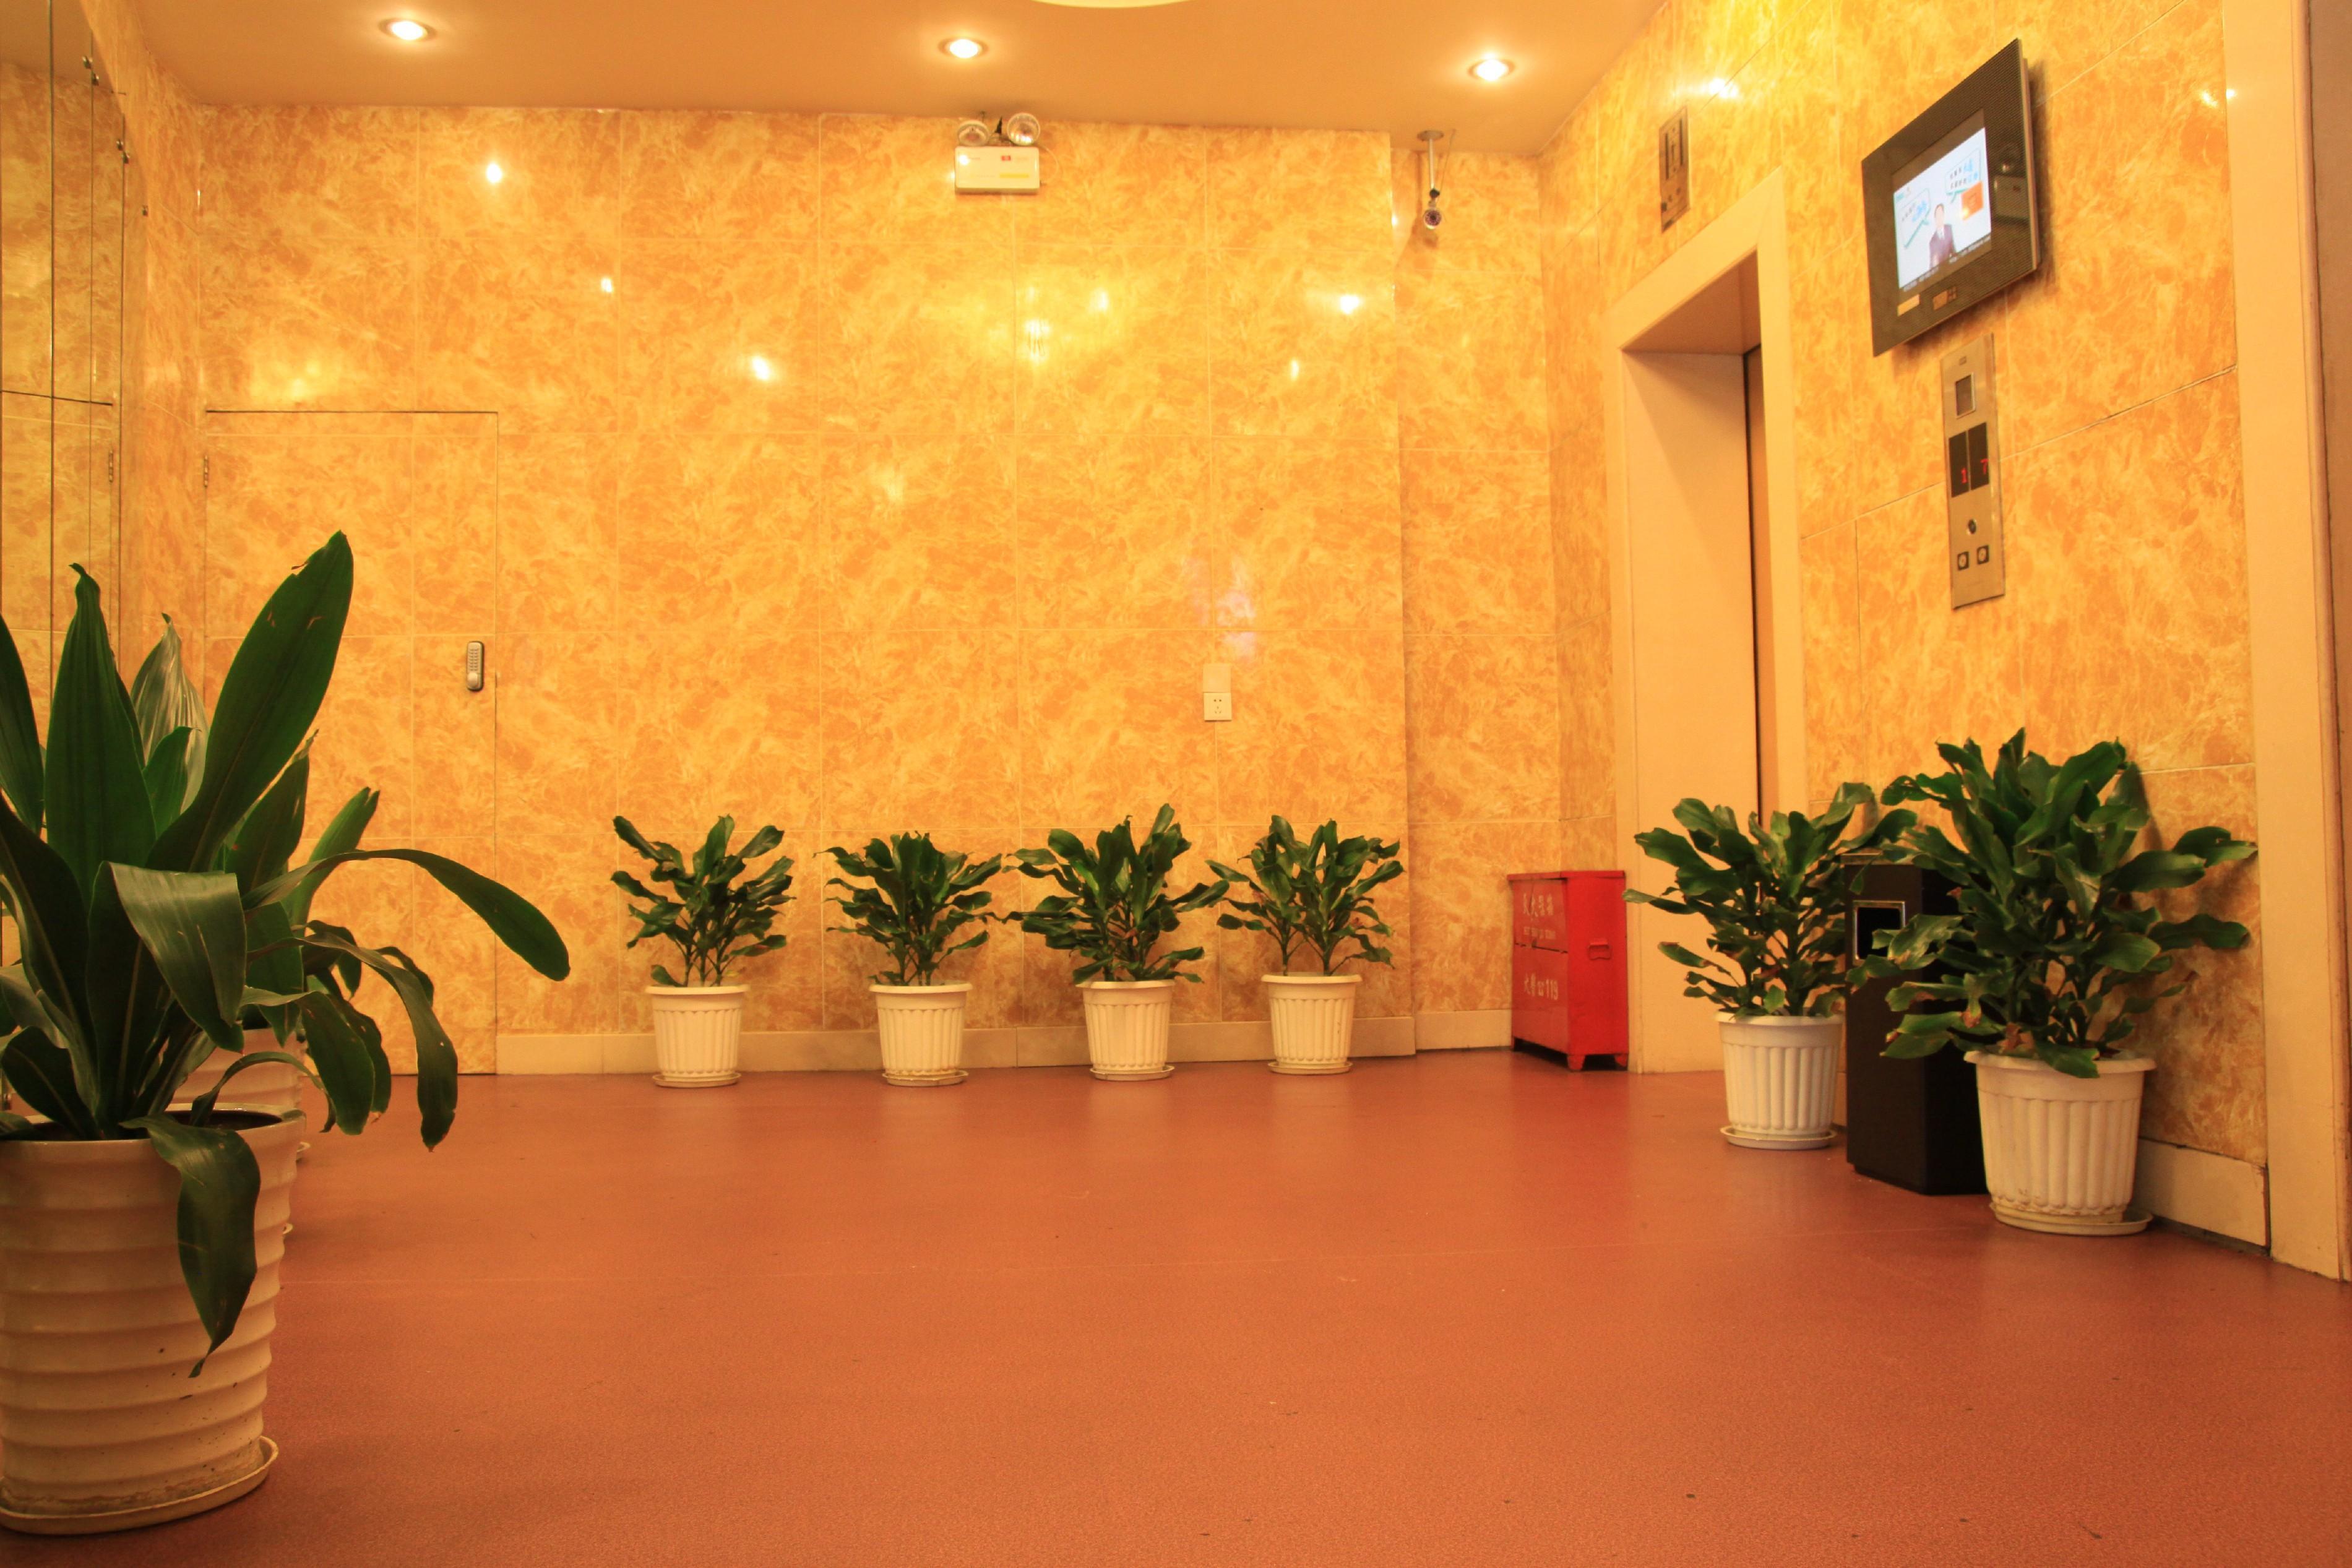 长沙天洋大酒店图片_订房114